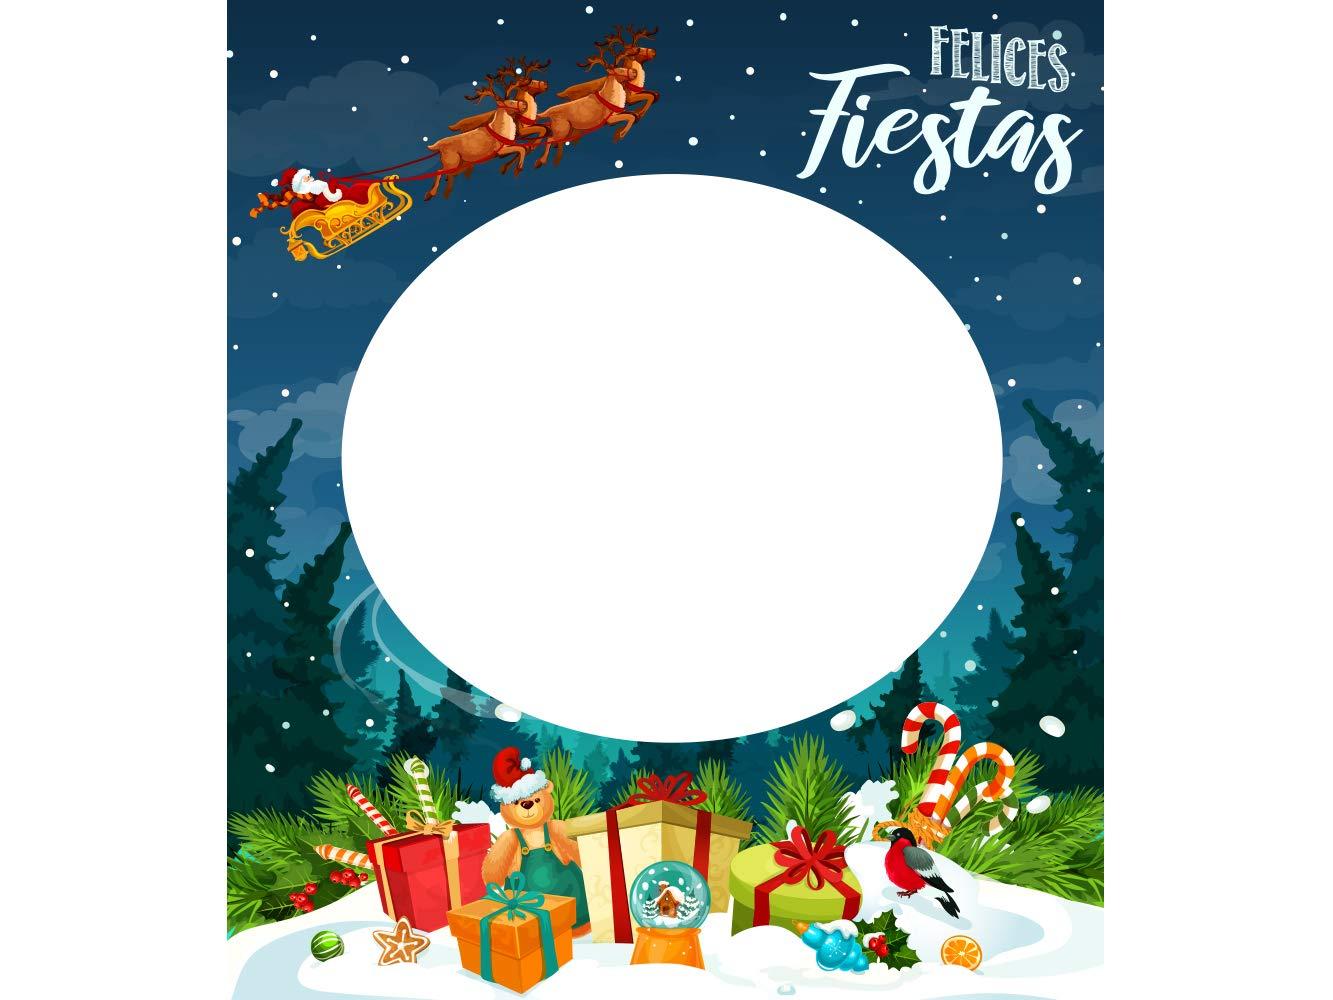 Photocall Felices Fiestas Photocall Econ/ómico y Original Photocall Troquelado Photocall en Cart/ón Felices Fiestas 100x114cm